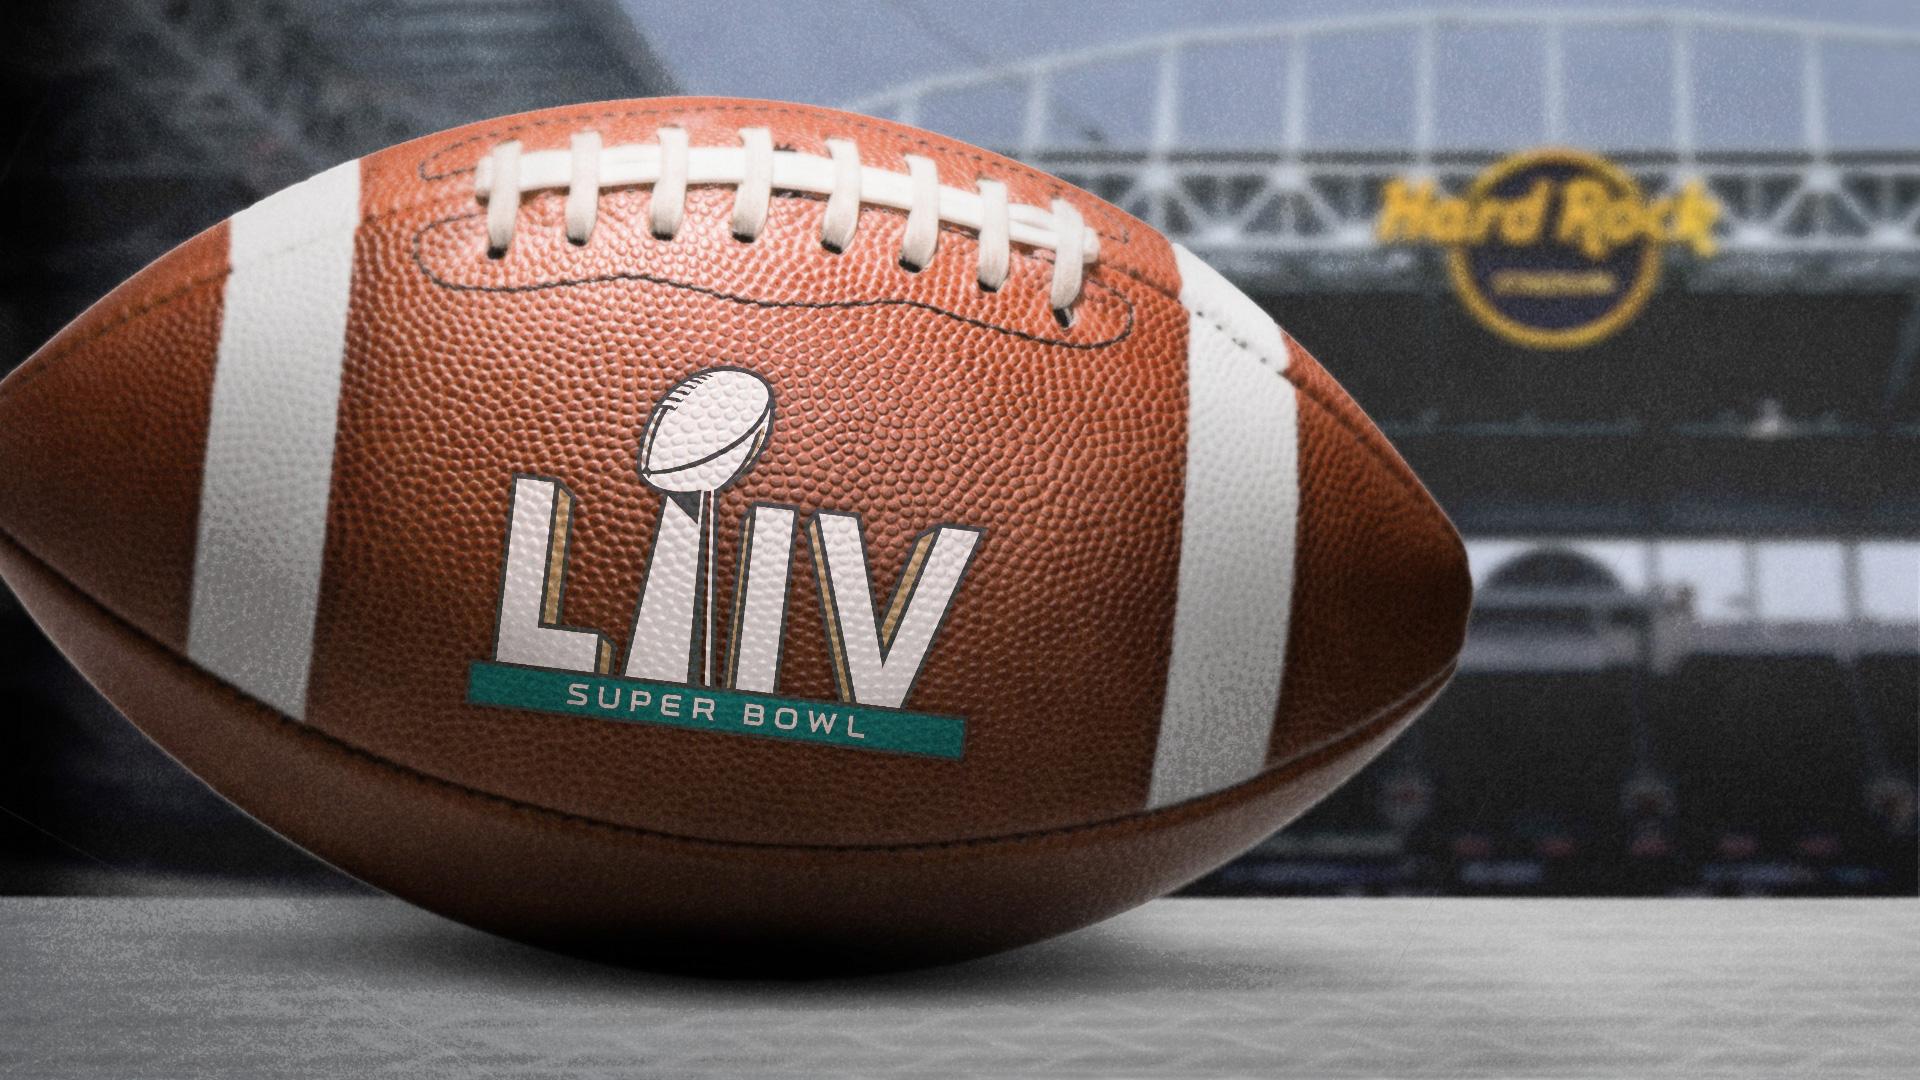 2020 NFL Super Bowl 54